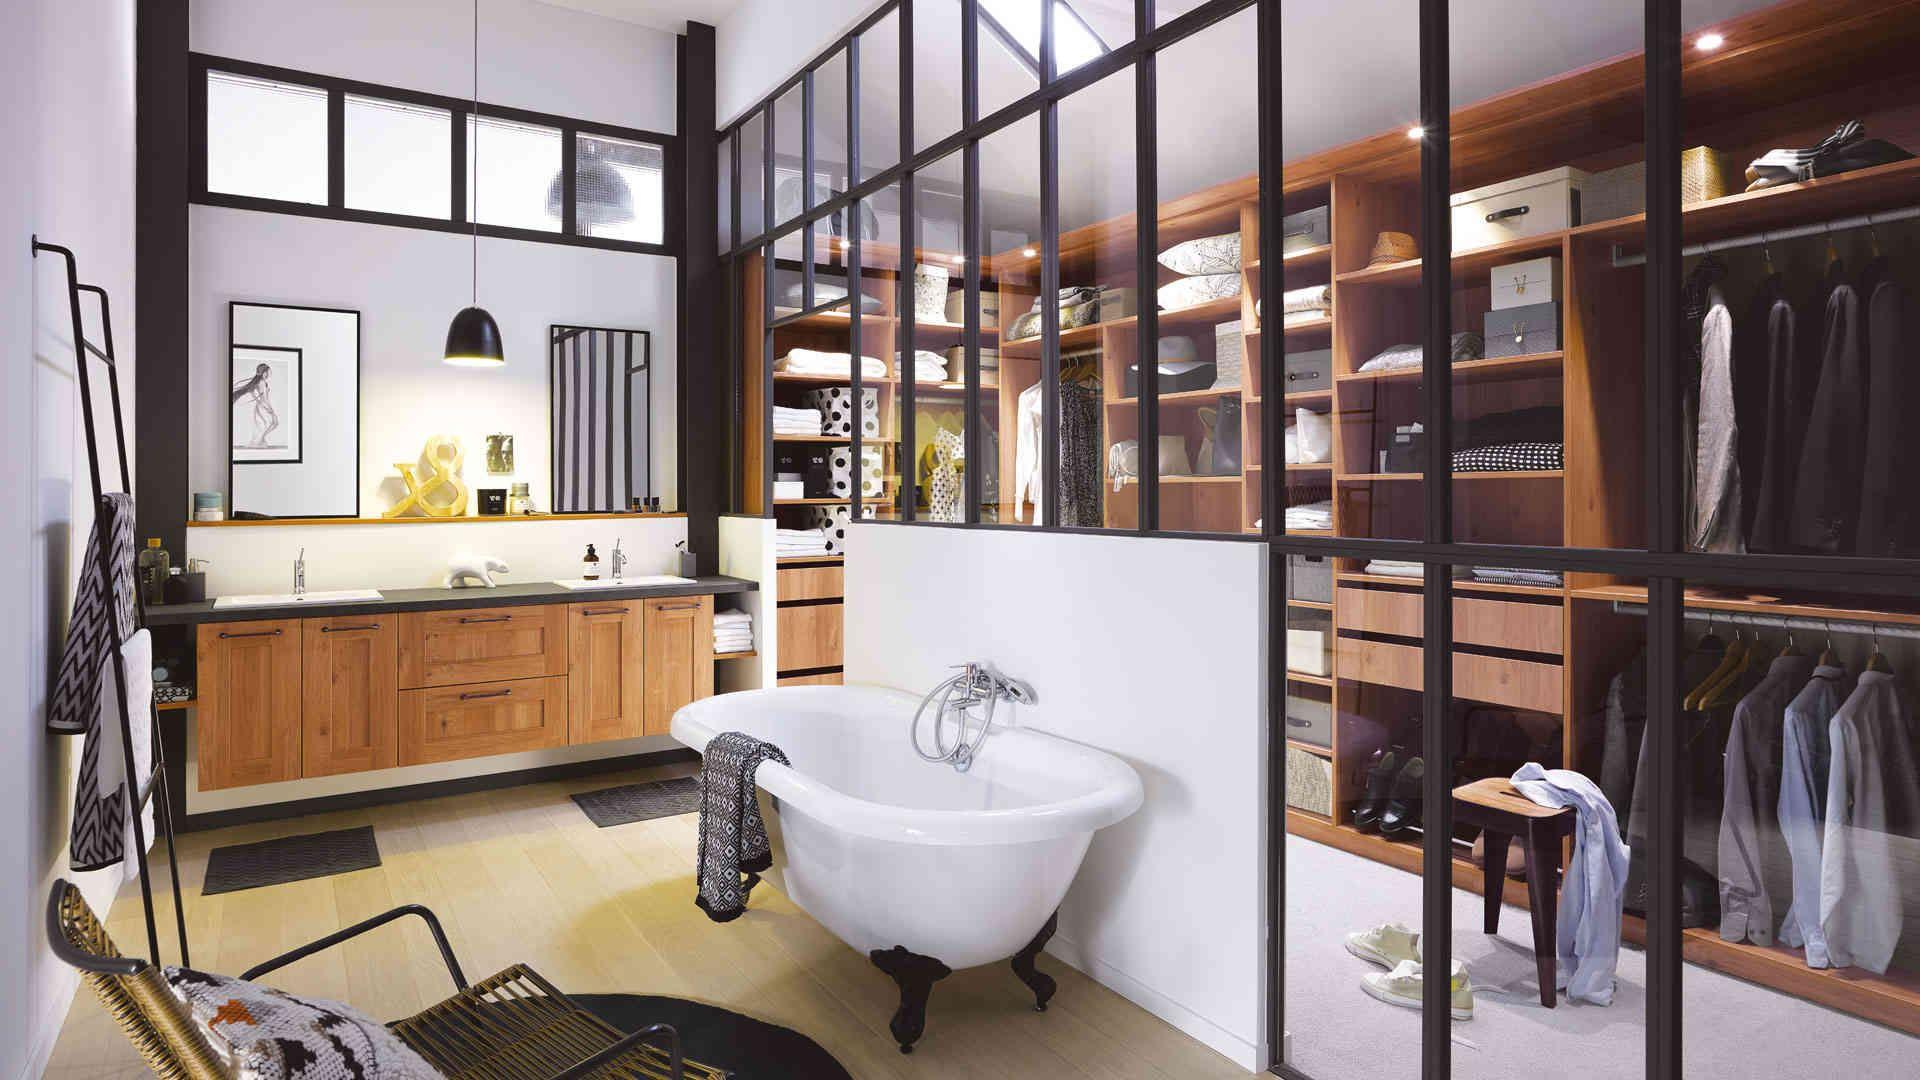 rsultat de recherche dimages pour salle de bain avec verrier sur - Images Salle De Bain